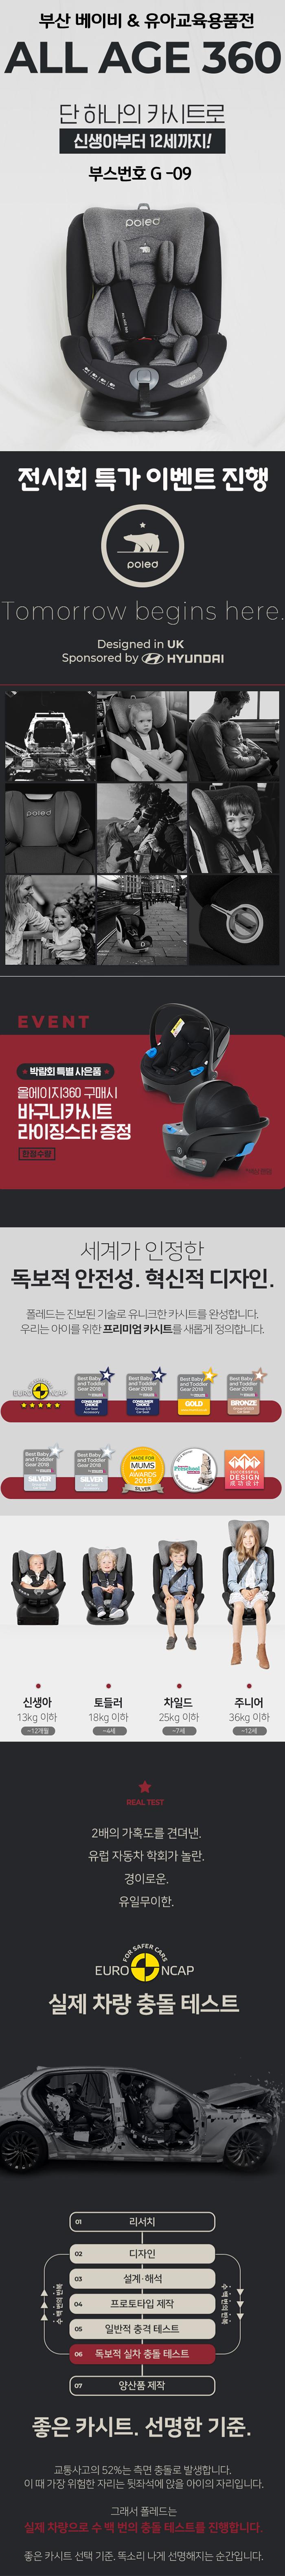 올에이지 360 카시트 구매시 바구니 카시트 라이징스타 증정